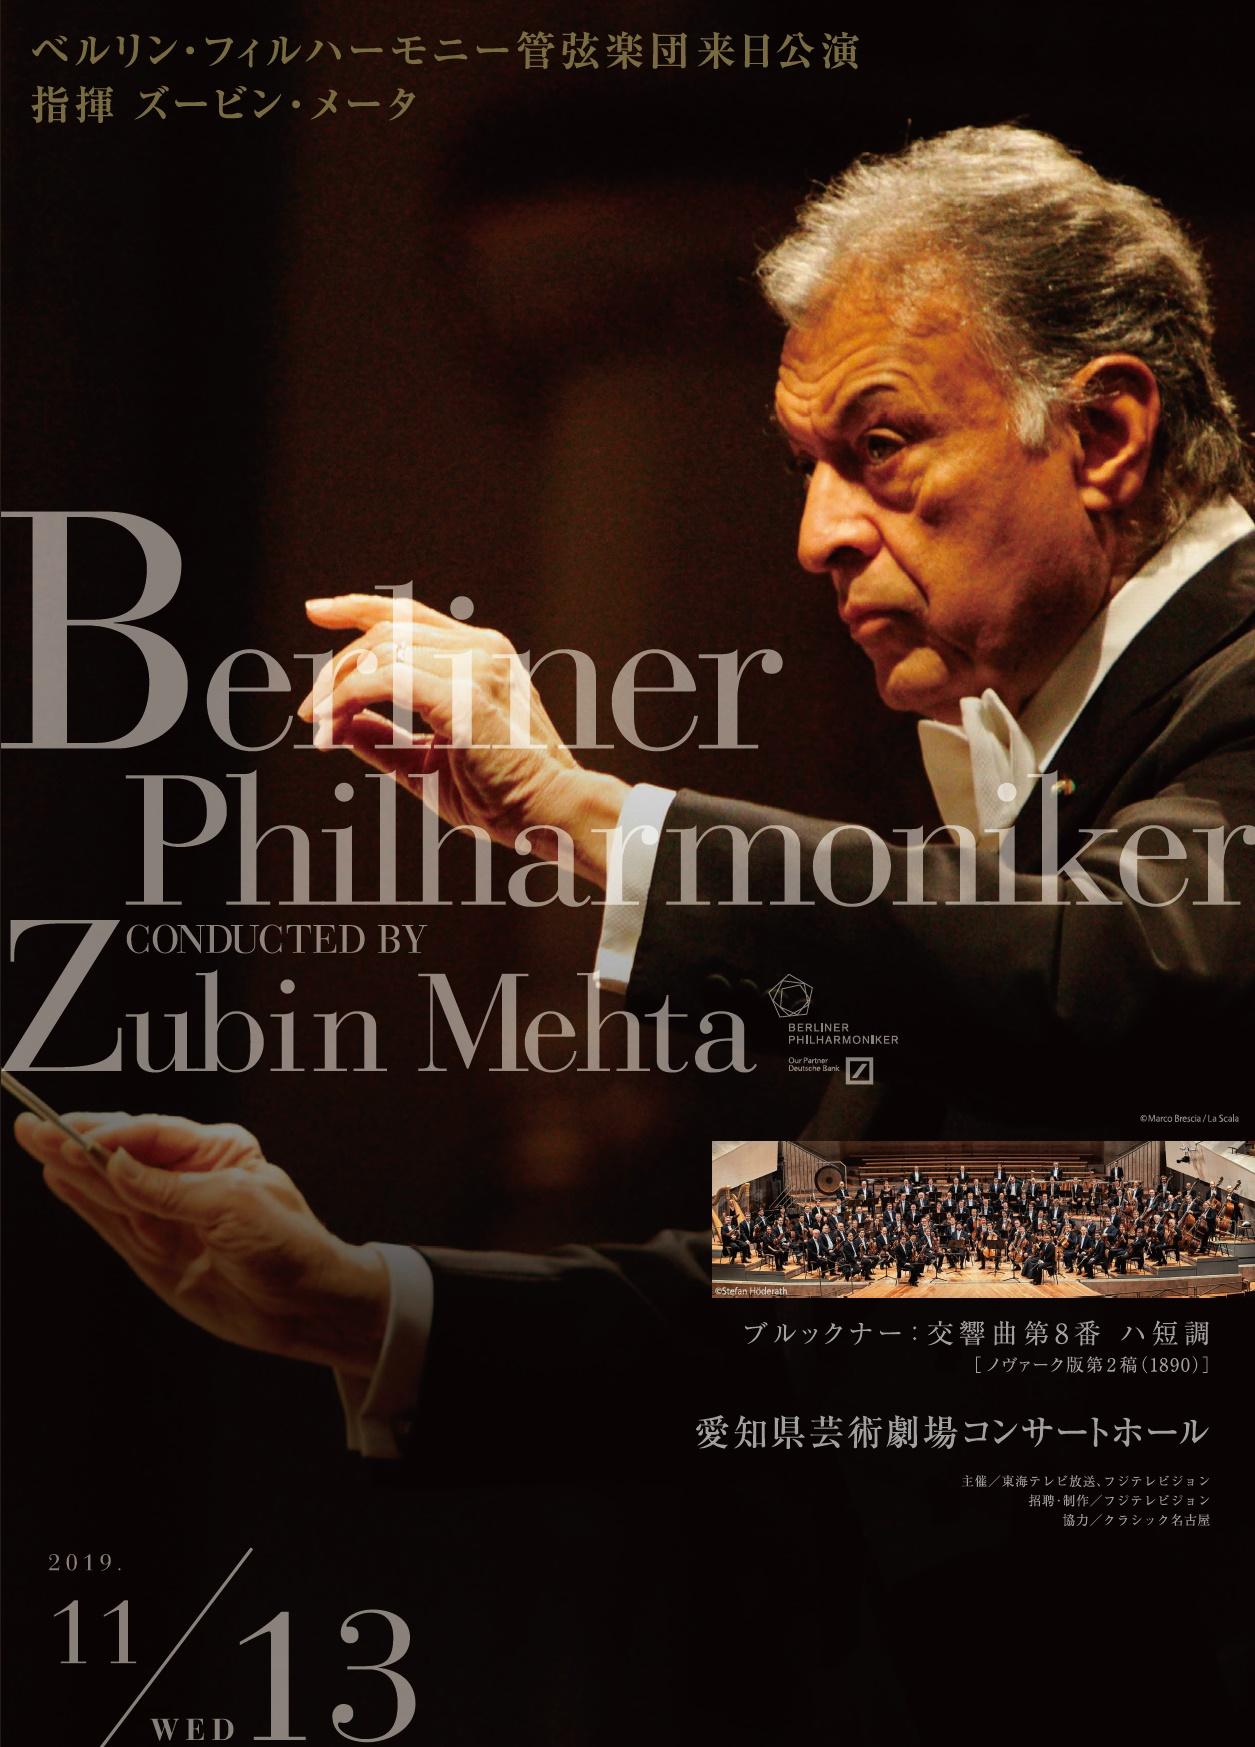 19.11.13berlinerphilharmoniker